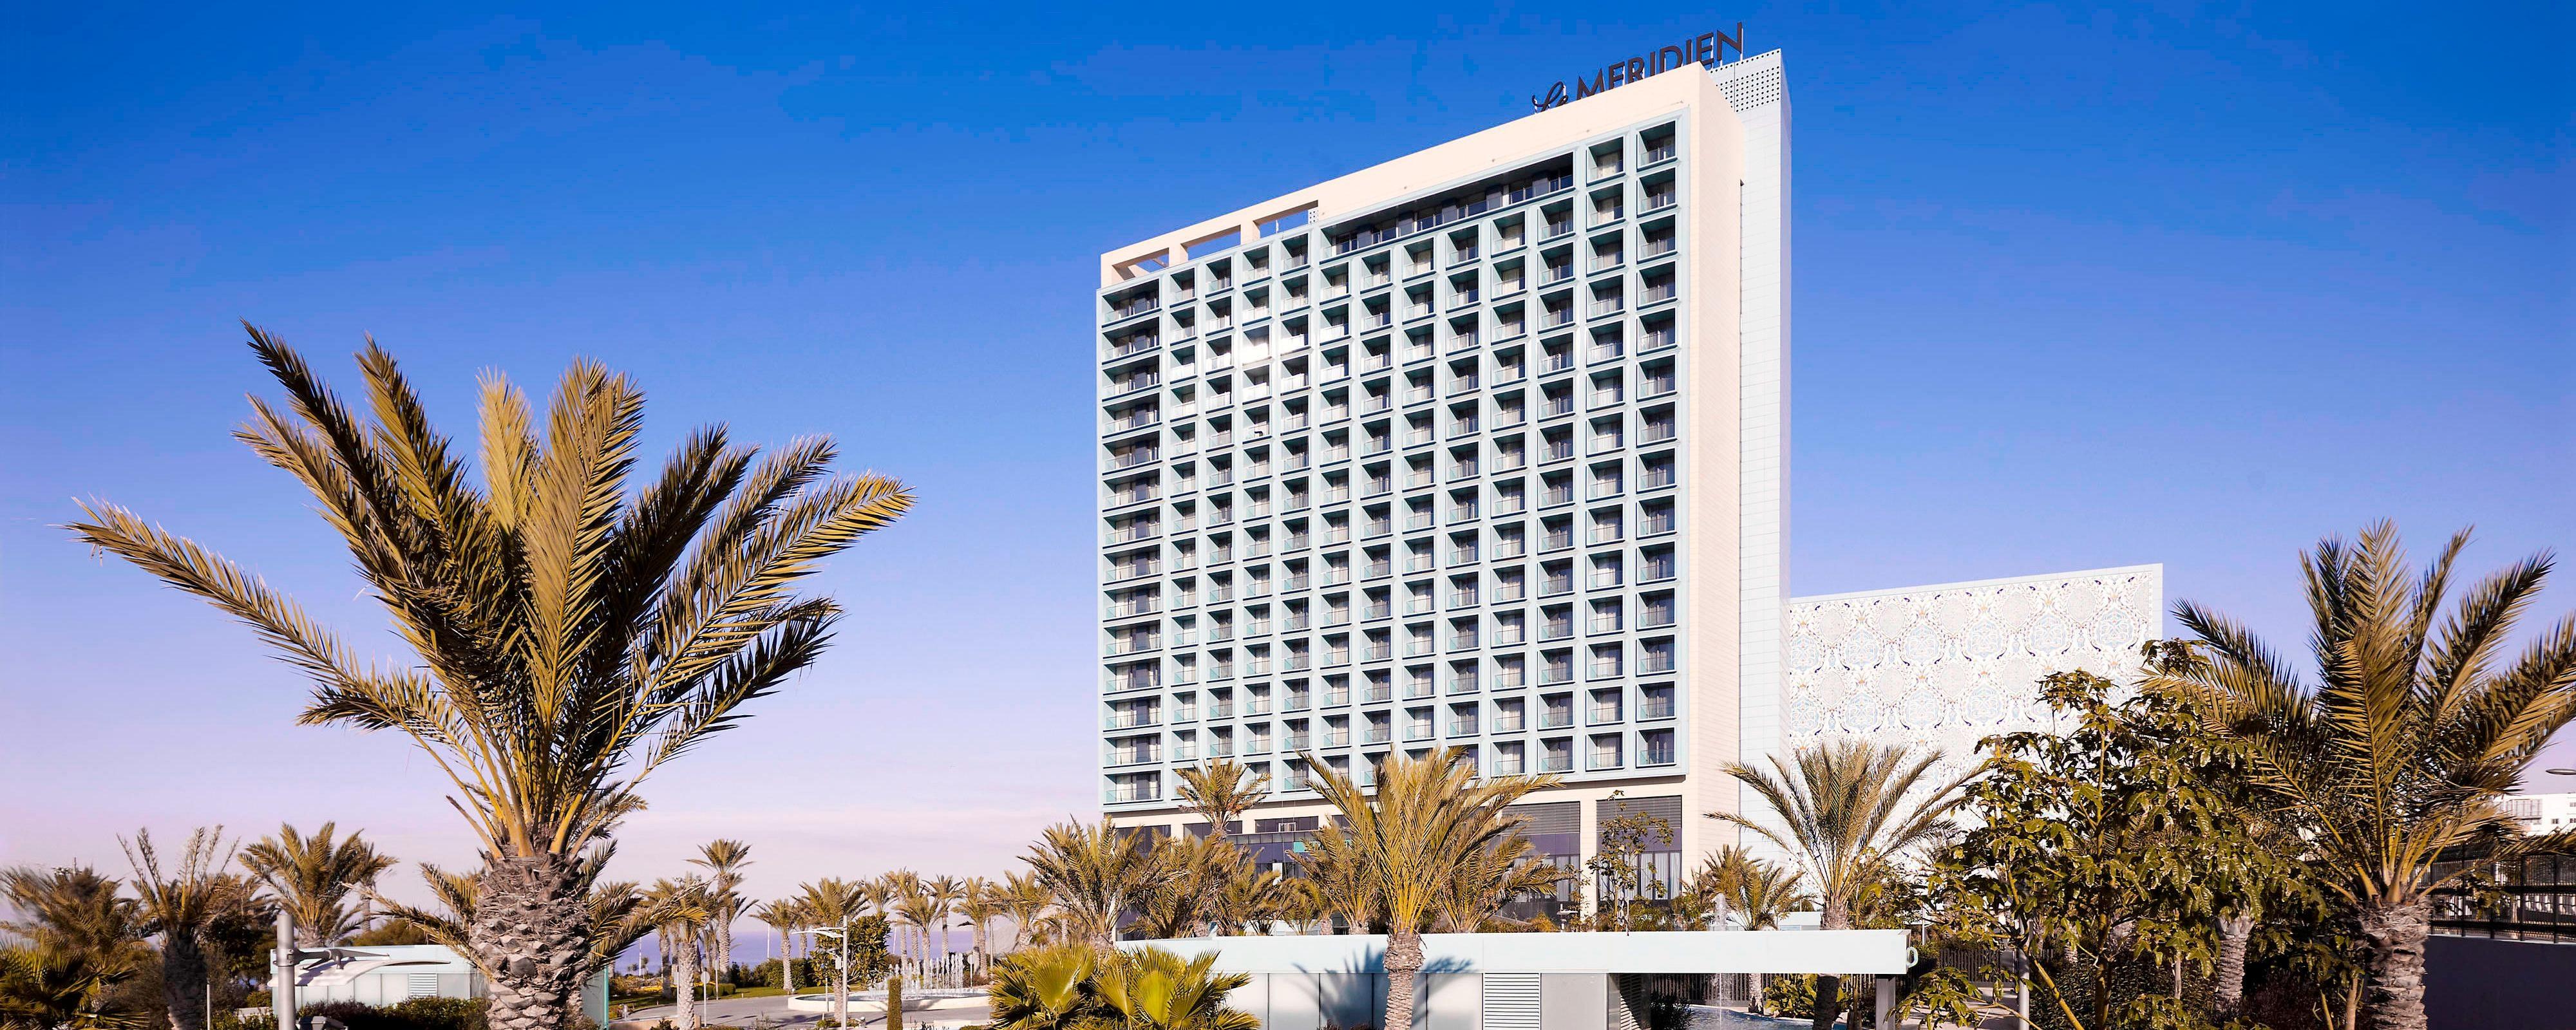 Le Méridien Oran Hotel & Convention Centre - Oran | SPG